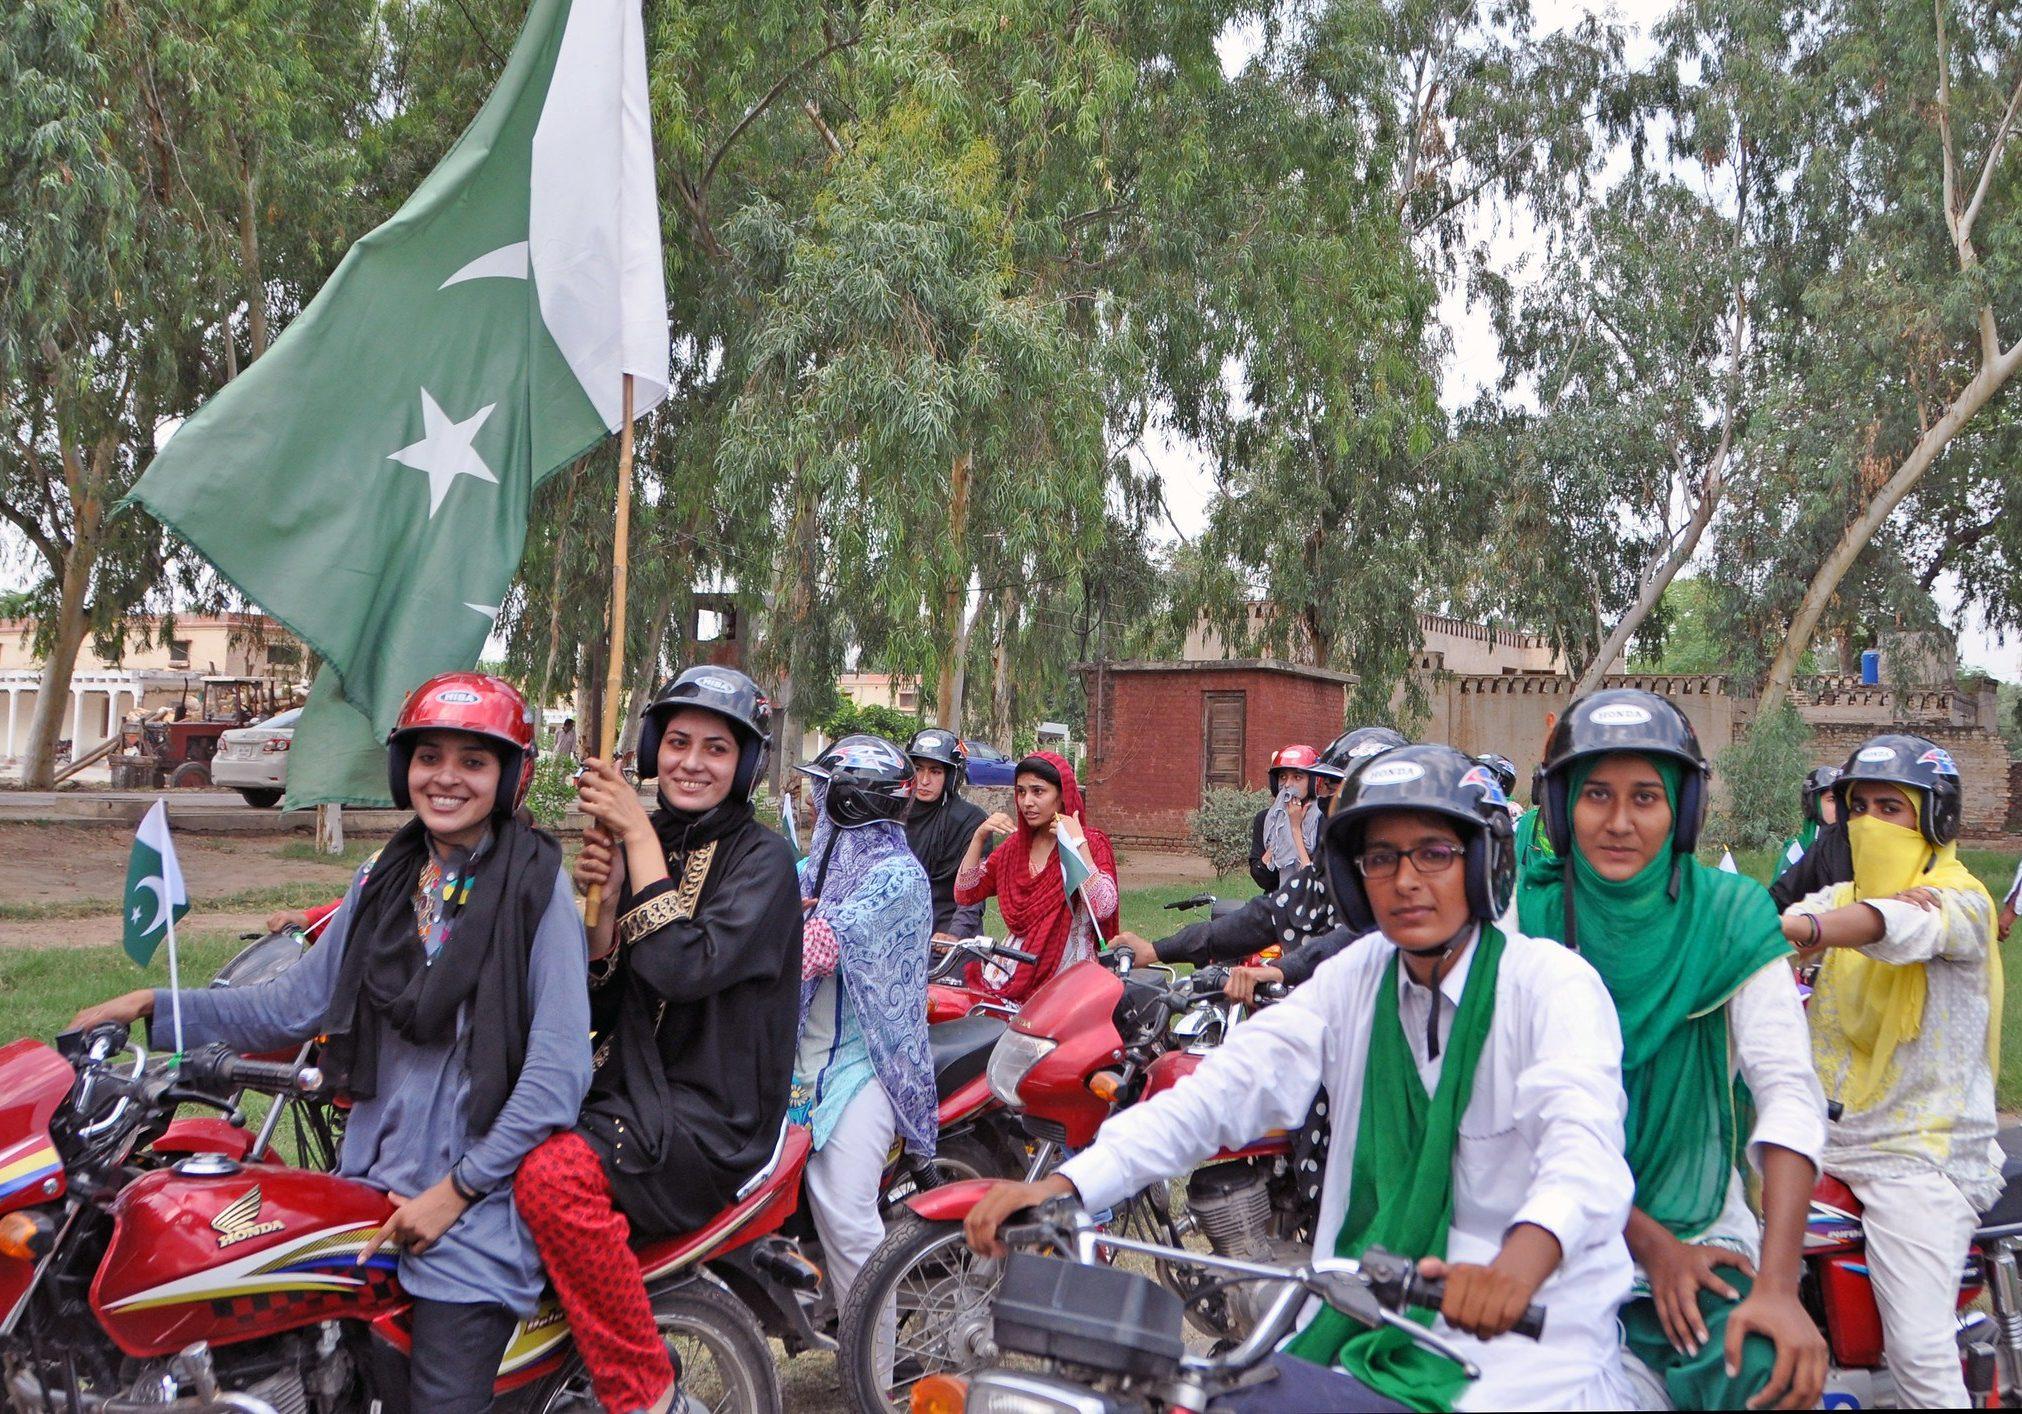 Riders at the Women on Wheels launch in Pakistan in 2016. (Photo: UN Women/Henriette Bjoerge)